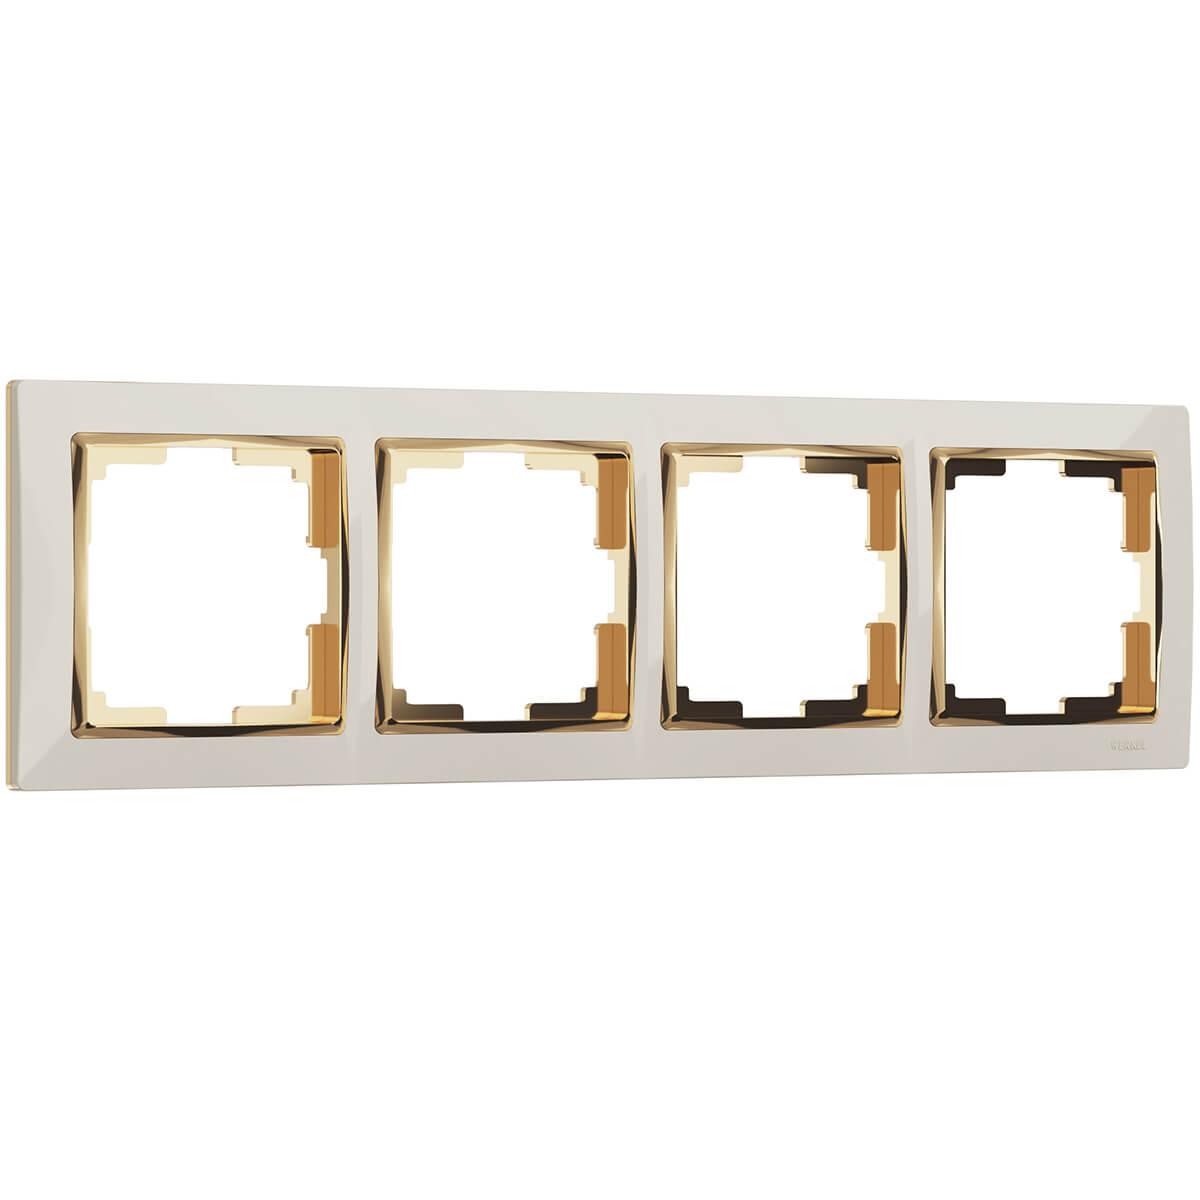 Рамка Snabb на 4 поста слоновая кость/золото WL03-Frame-04-ivory/GD 4690389083914 рамка snabb на 2 поста слоновая кость золото wl03 frame 02 ivory gd 4690389083891